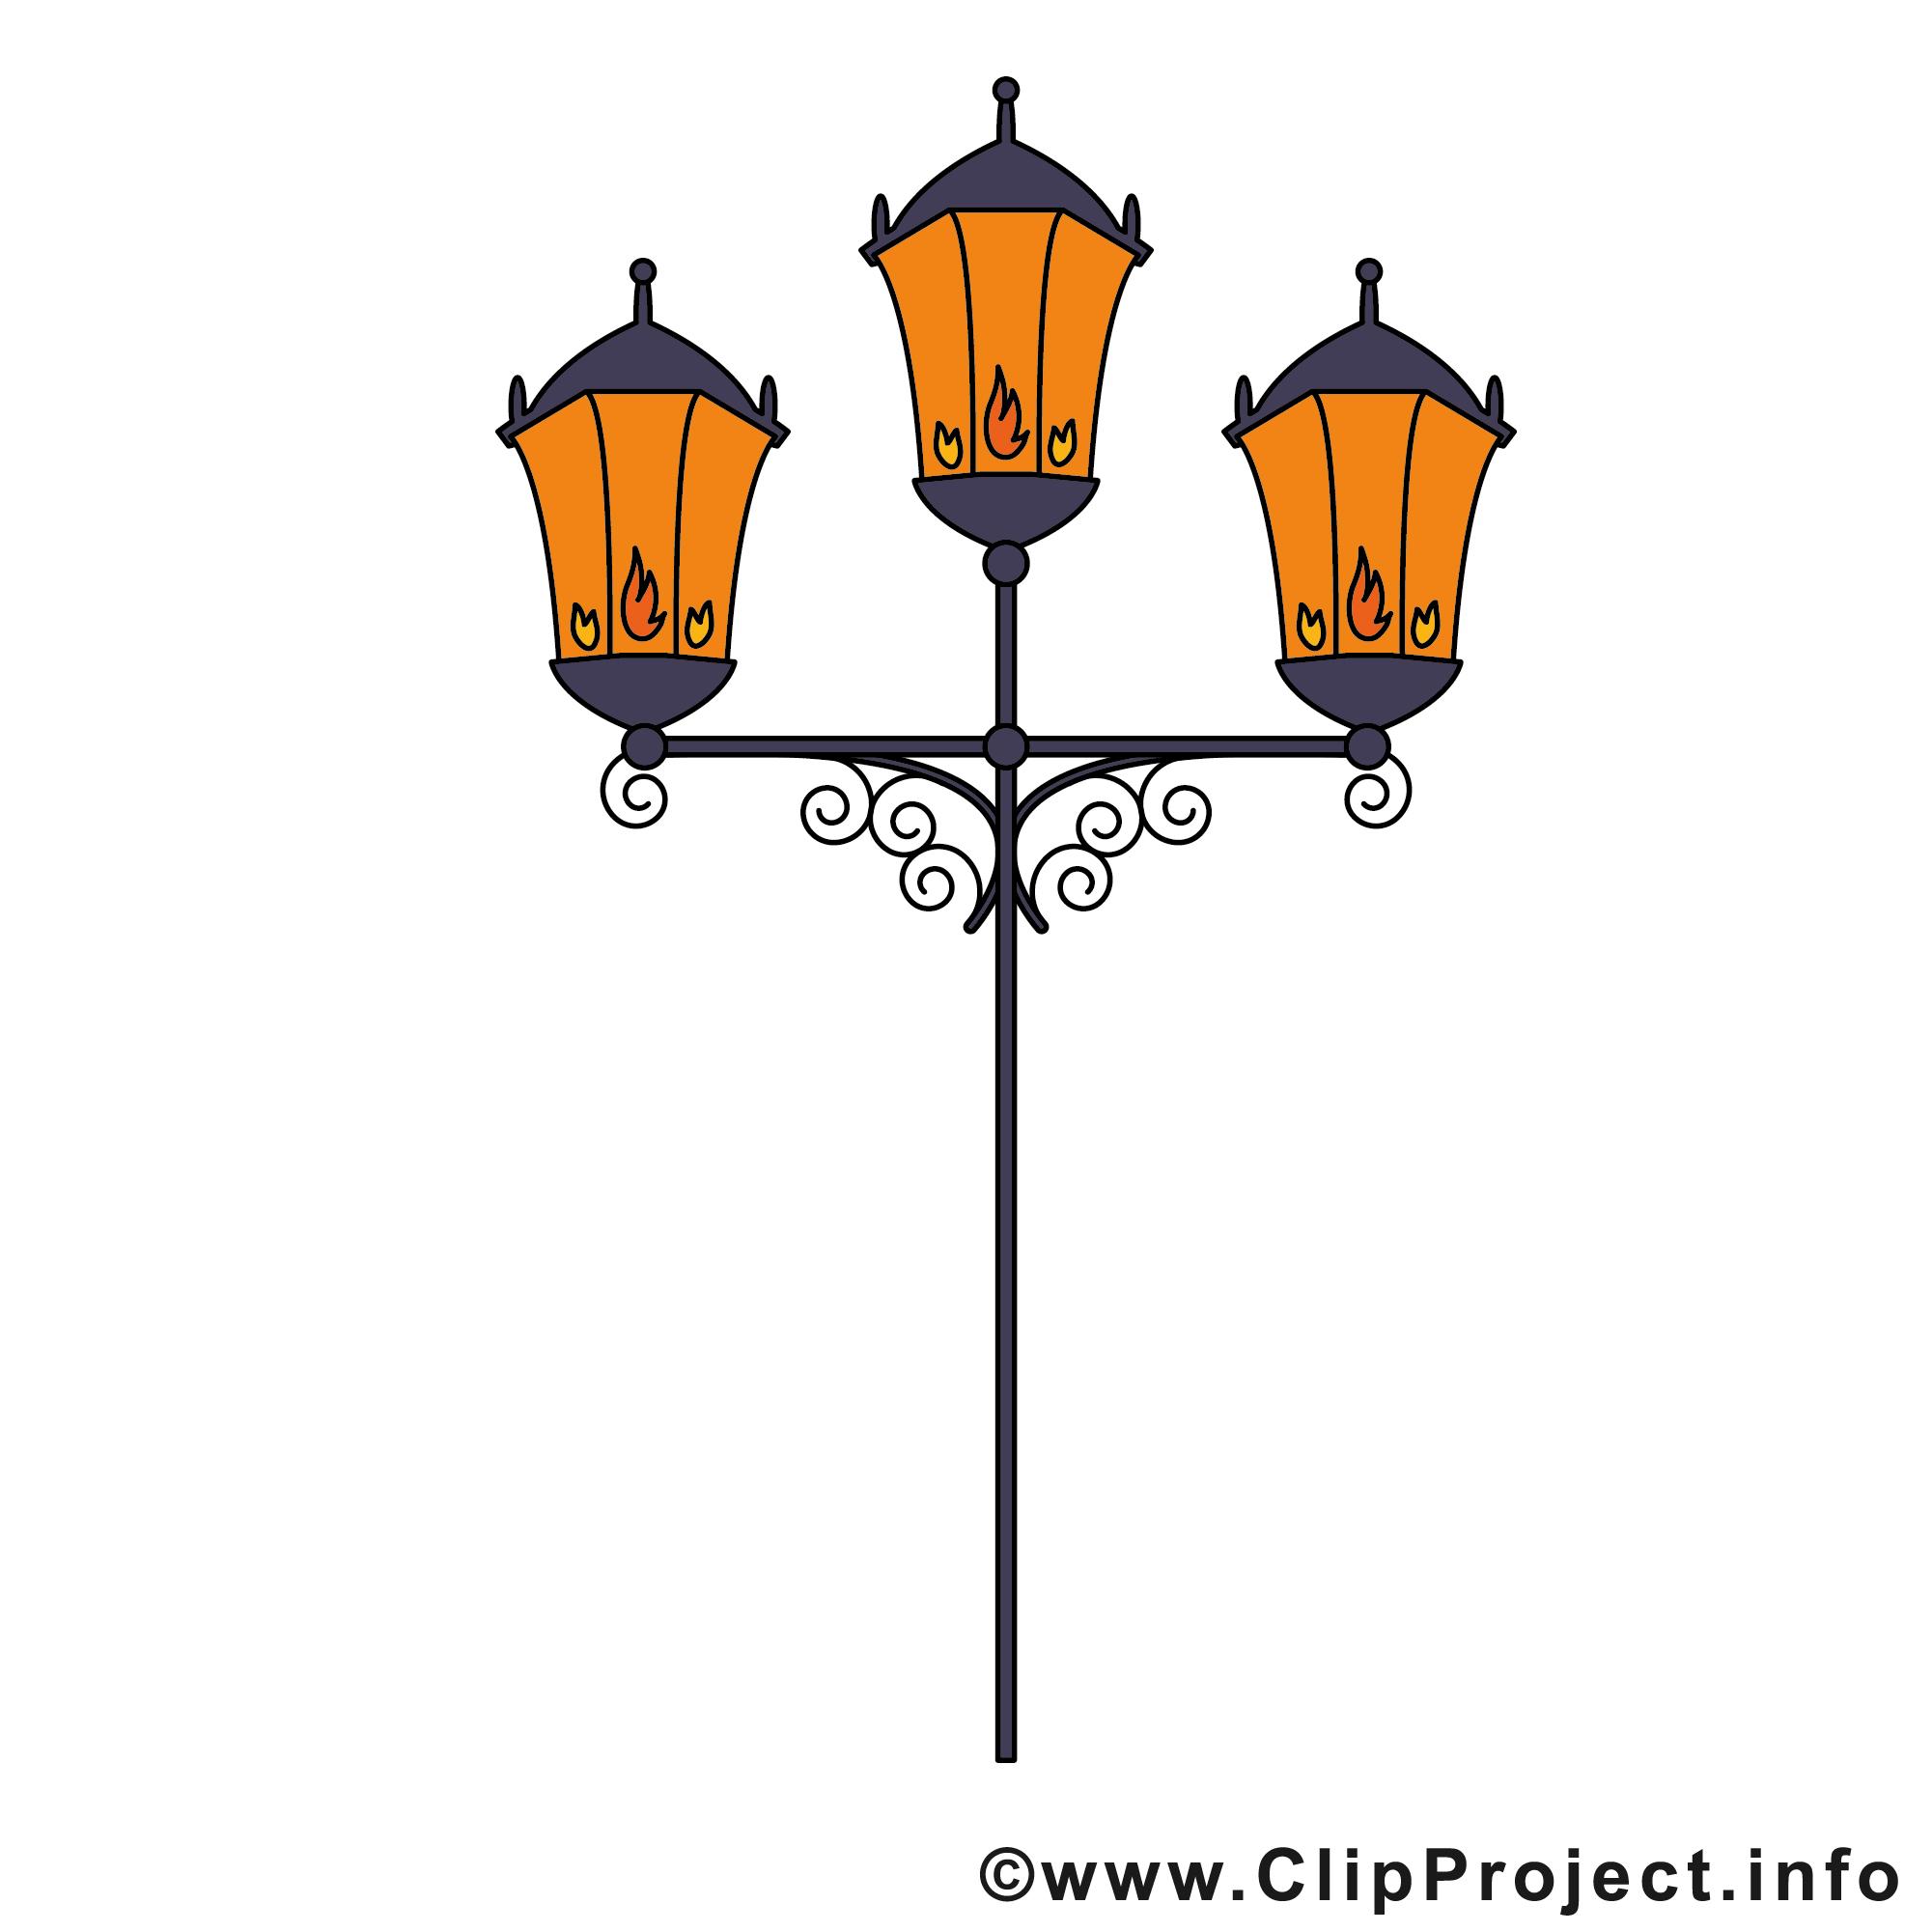 Lampadaire Clip Art Gratuit Rue Nuit Dessin Divers Dessin